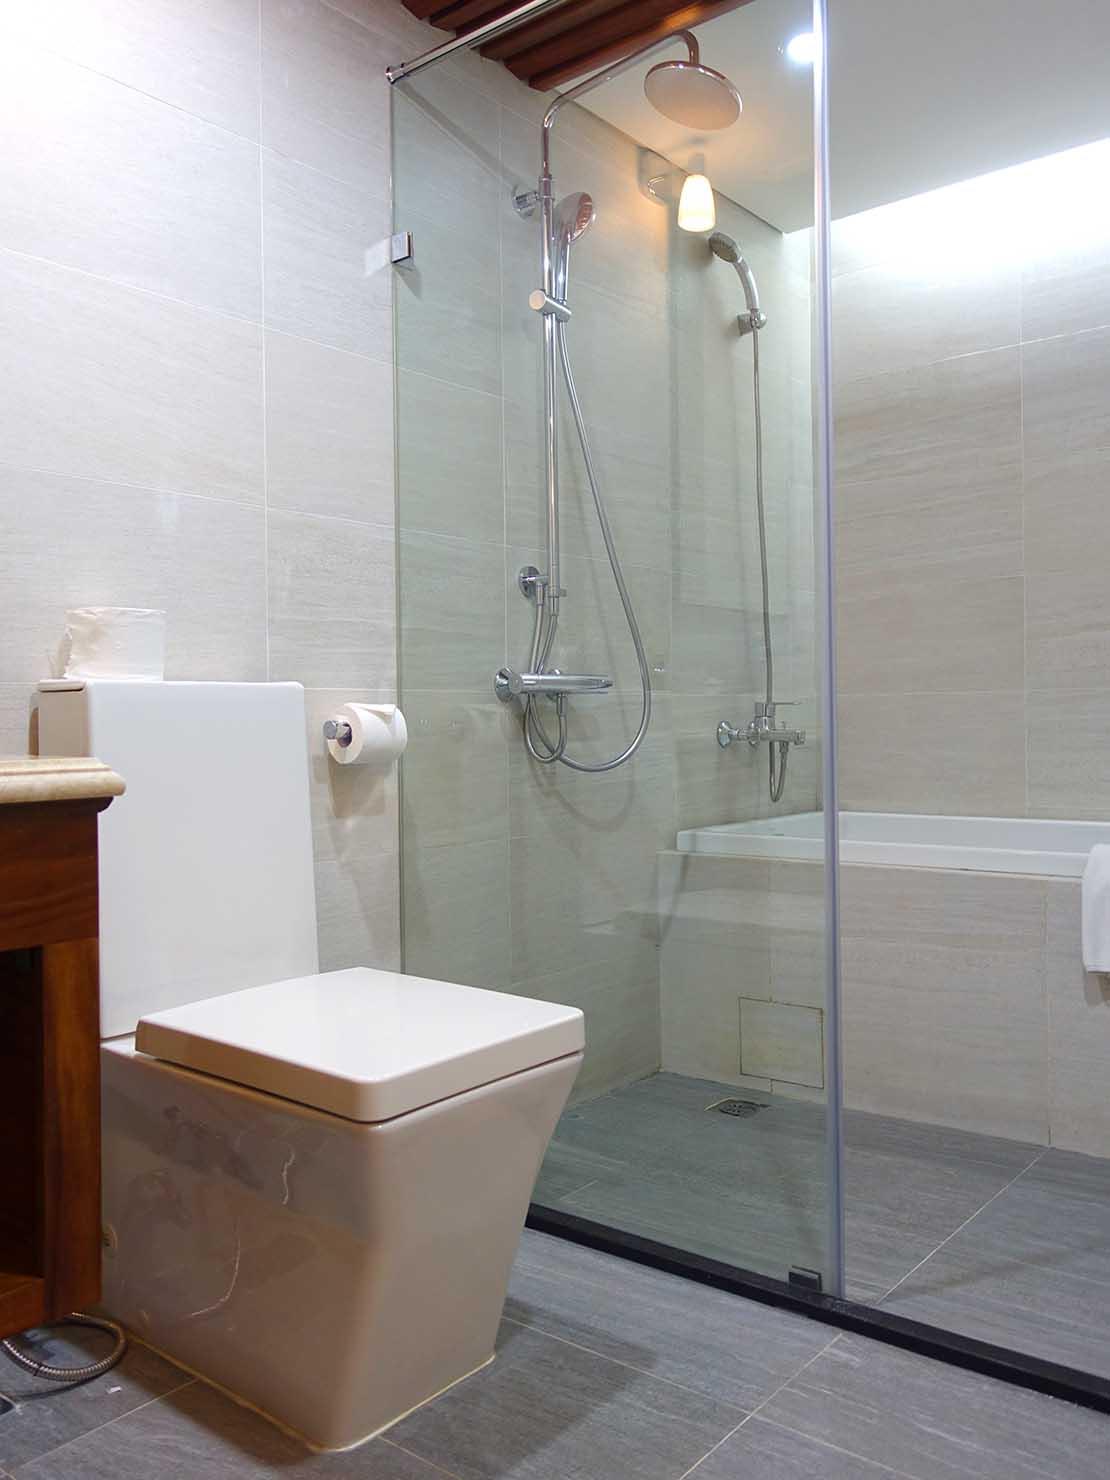 ハノイ旧市街ど真ん中の観光に便利なおすすめホテル「Hai Bay Hotel」エグゼクティブ・ダブルルームのバスルーム